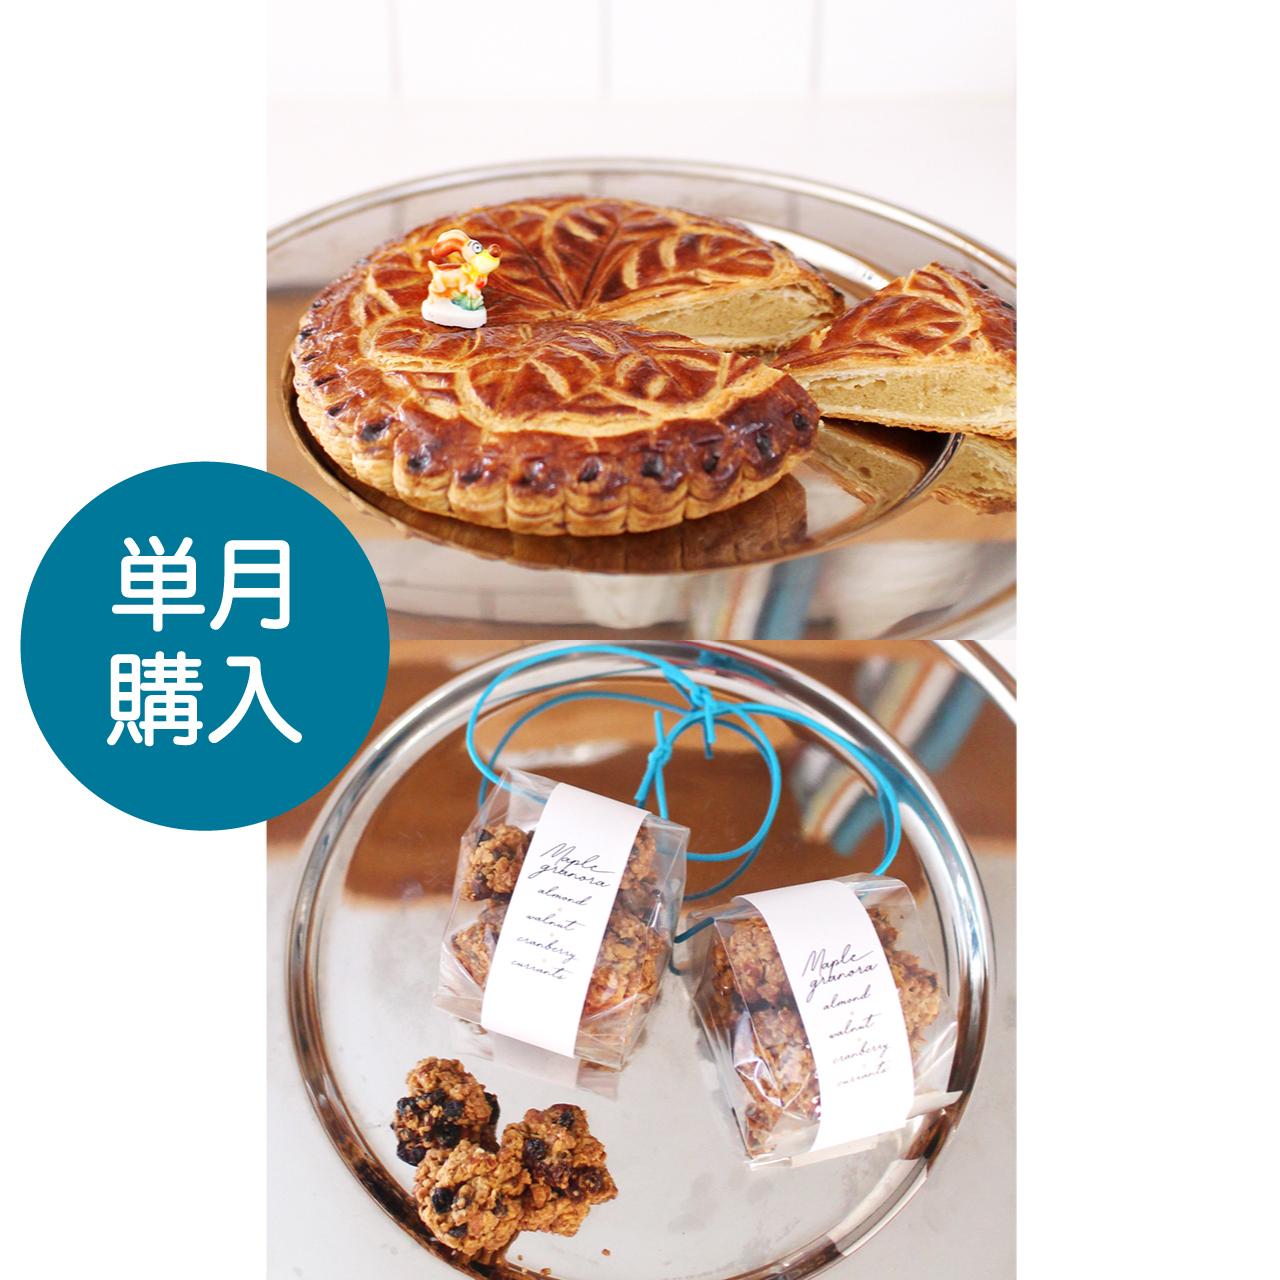 【単月購入】お菓子レッスンキット/1月メニュー